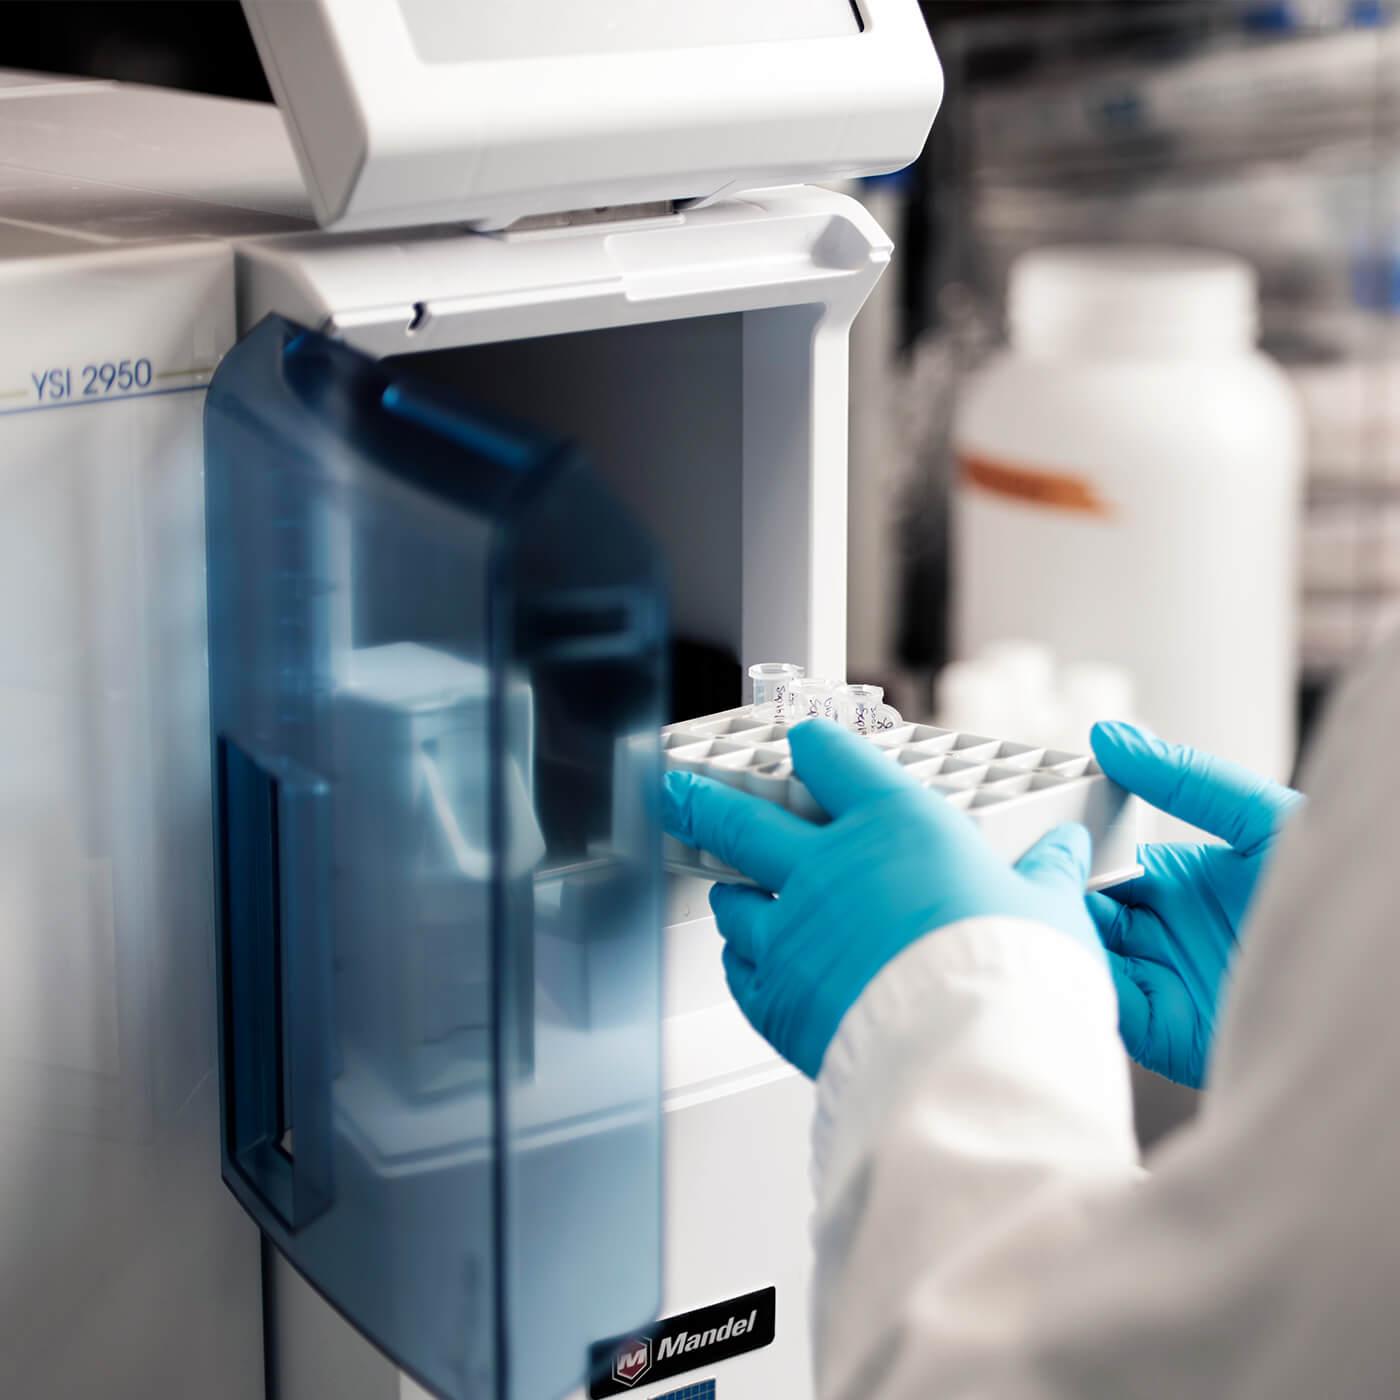 A scientist using a biochemistry analyzer